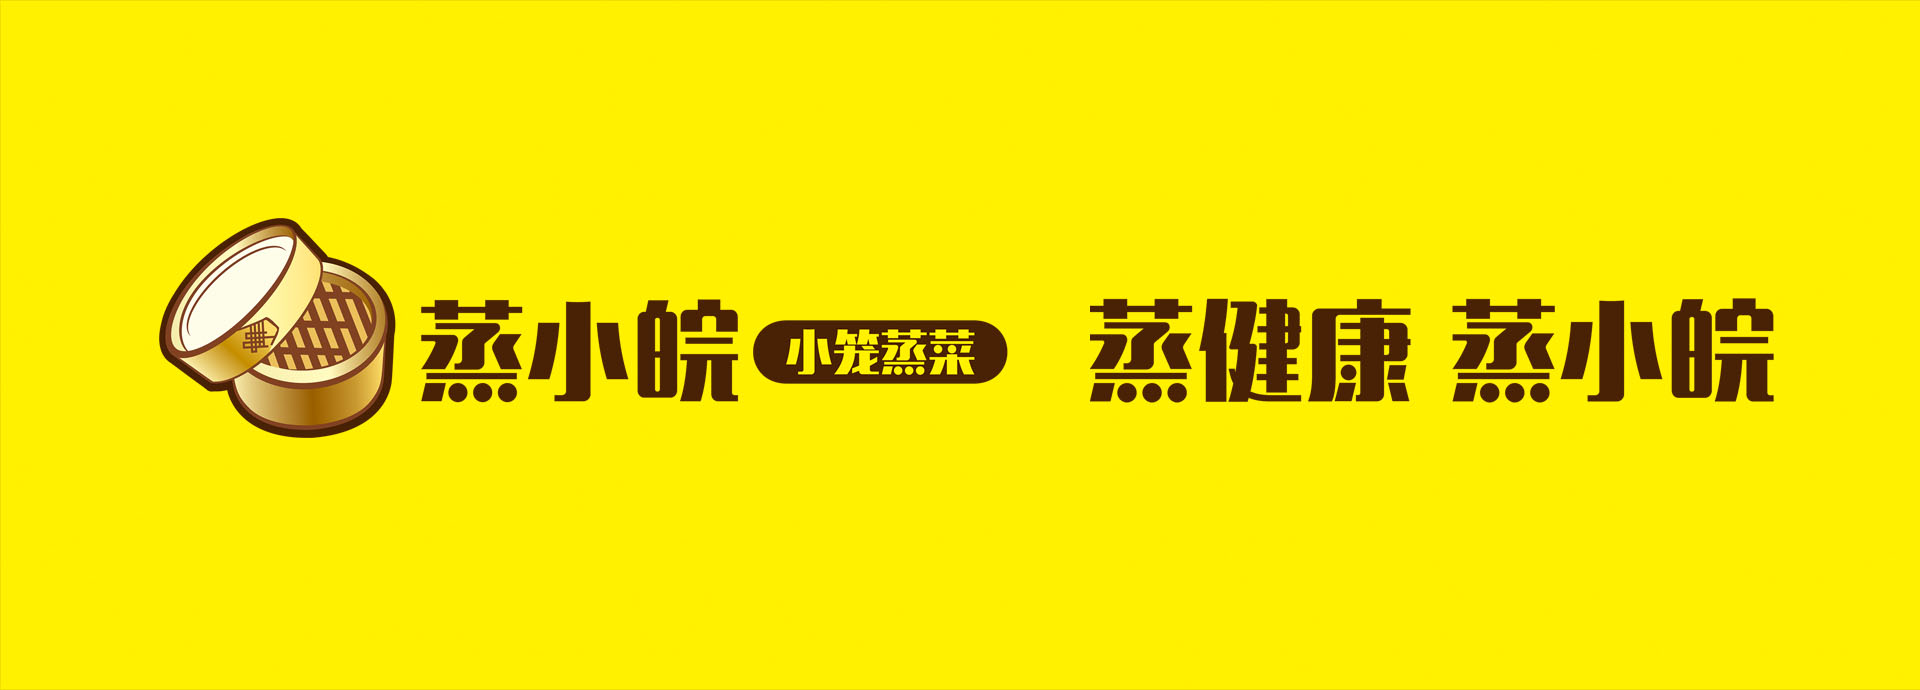 2019广州餐饮连锁展-2019广州餐饮连锁展会-大数据做新餐饮-蒸小皖